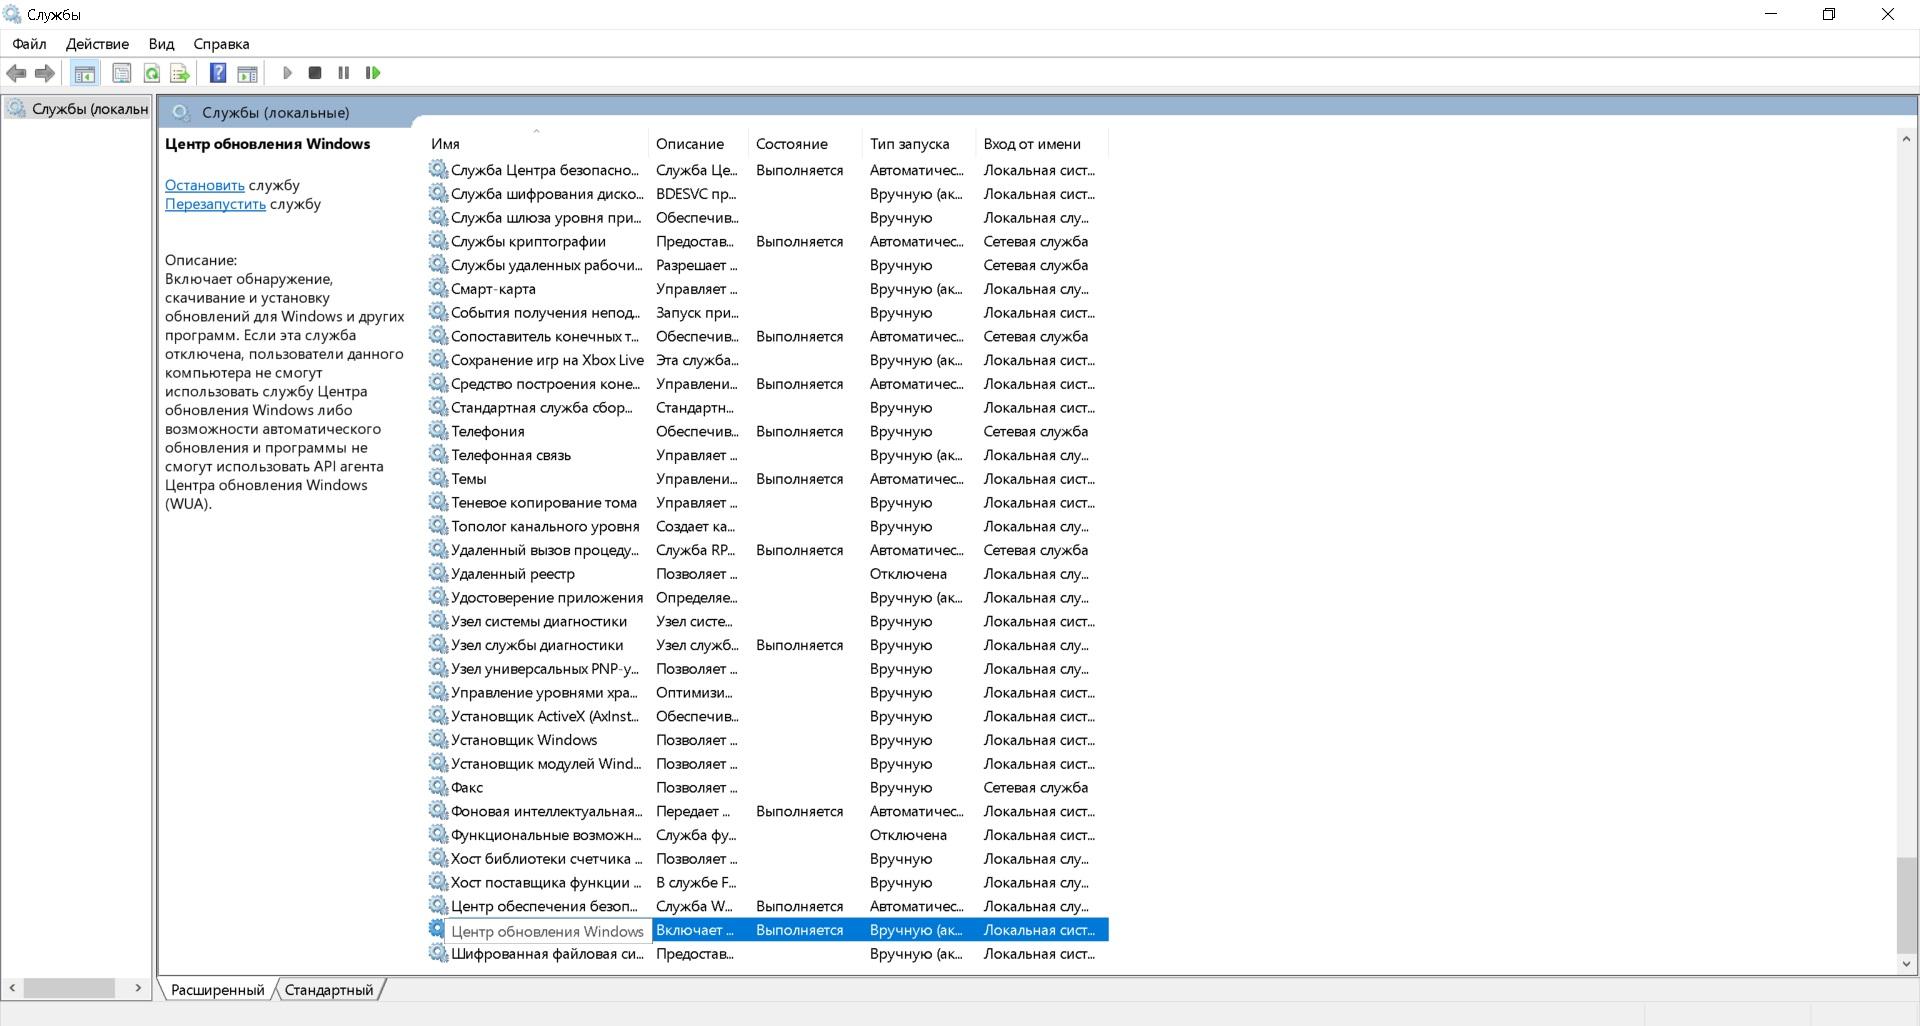 В самом низу списка найти «Центр обновления Windows» и два раза кликнуть по нему